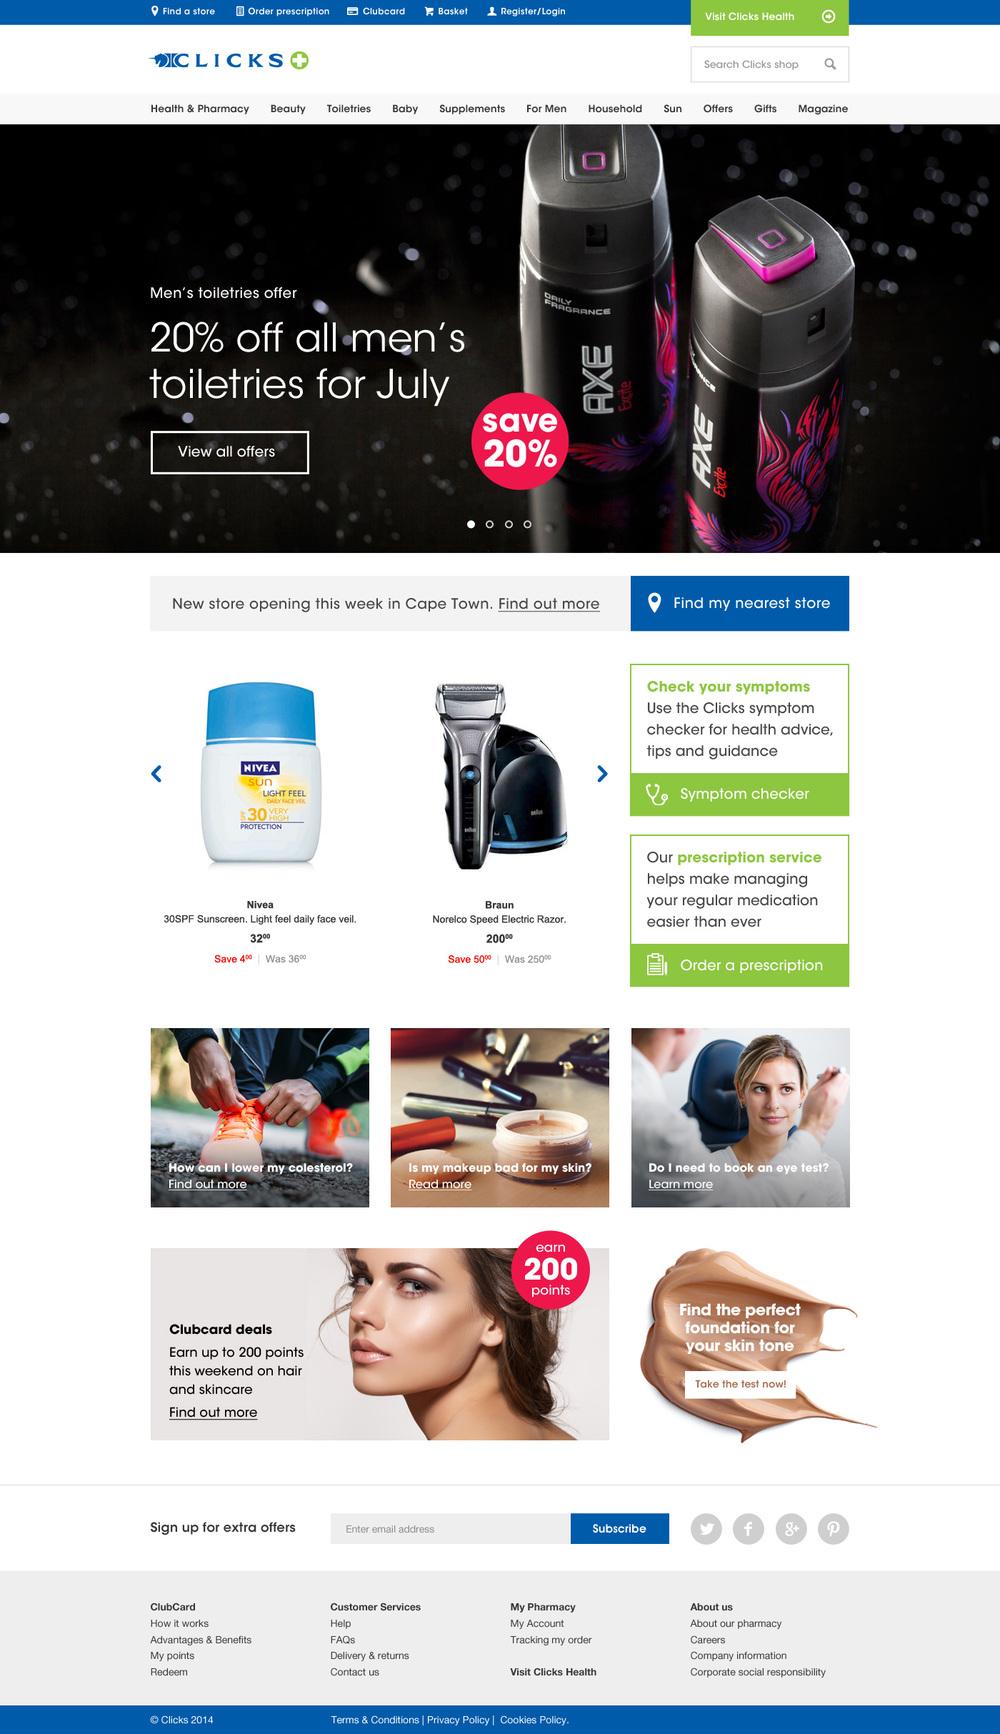 Clicks_Homepage_v2.jpg